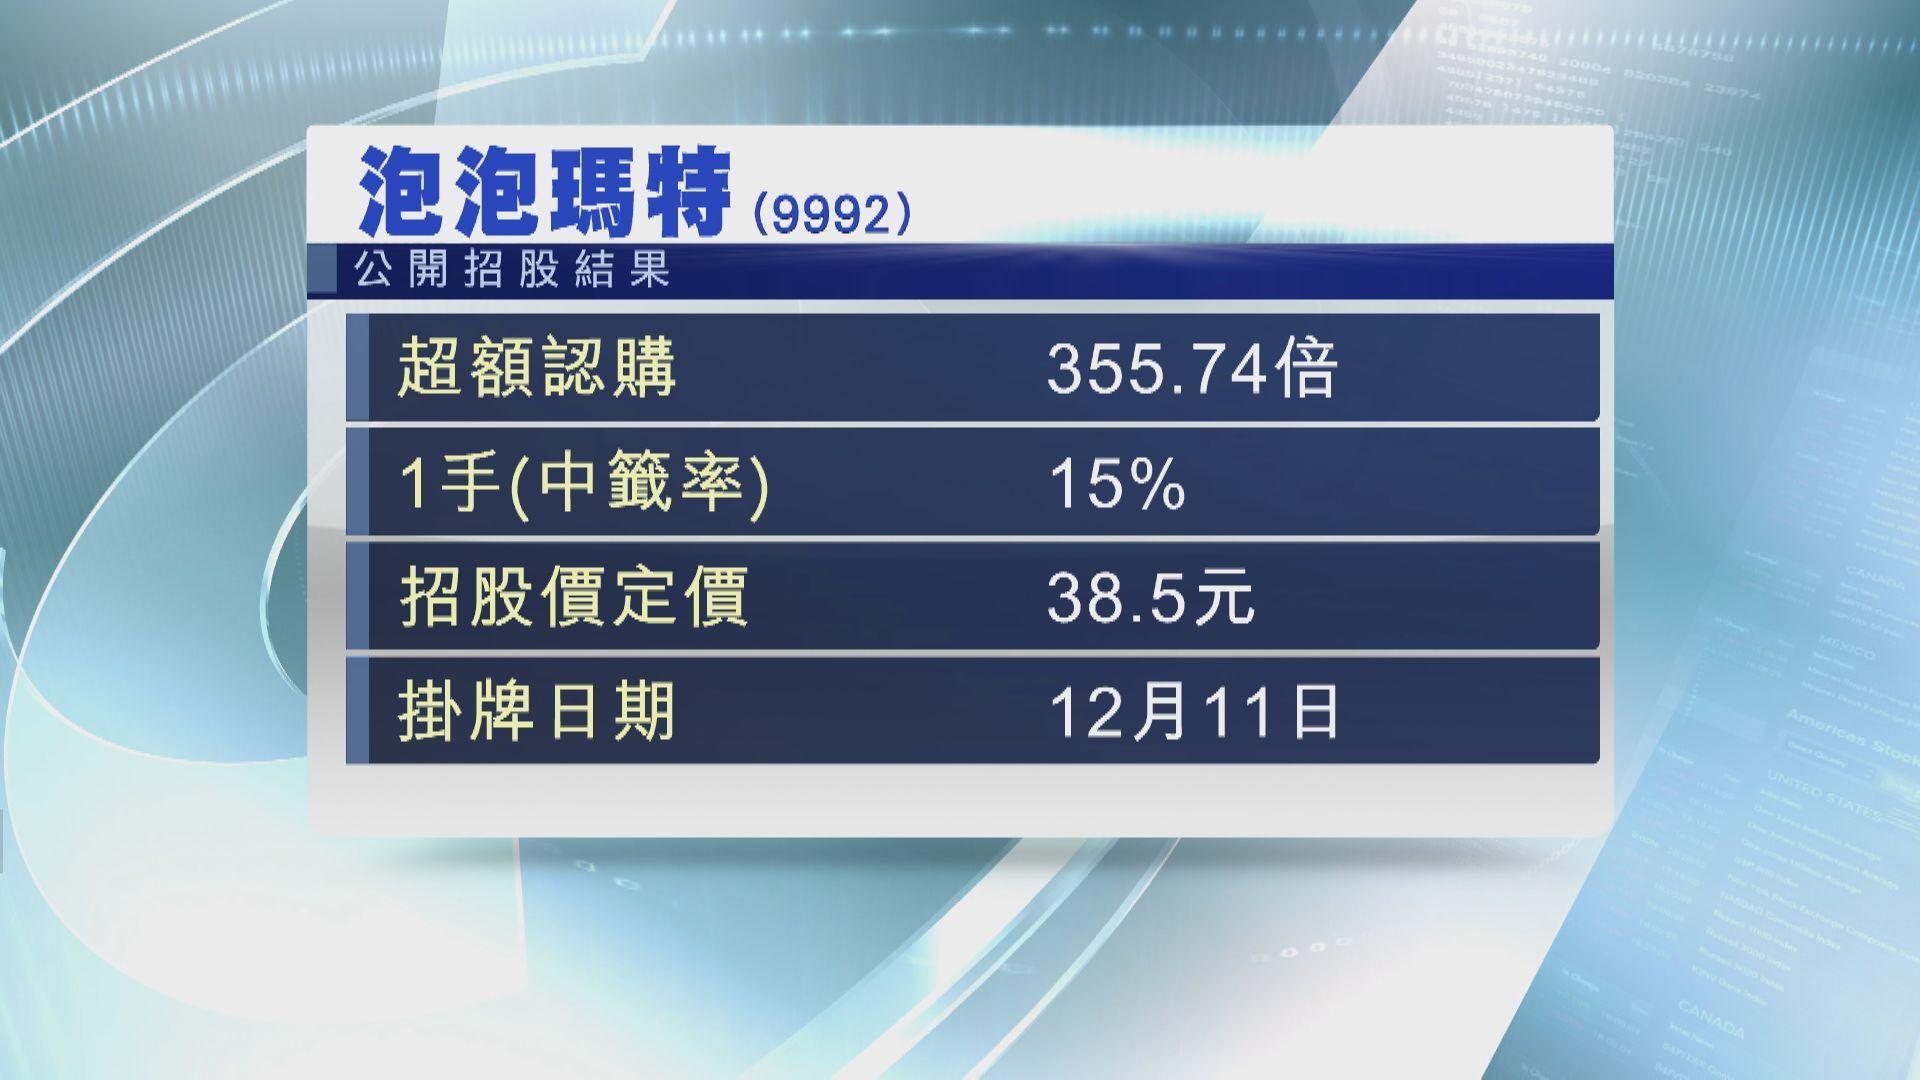 泡泡瑪特公開招股一手中籤率15%